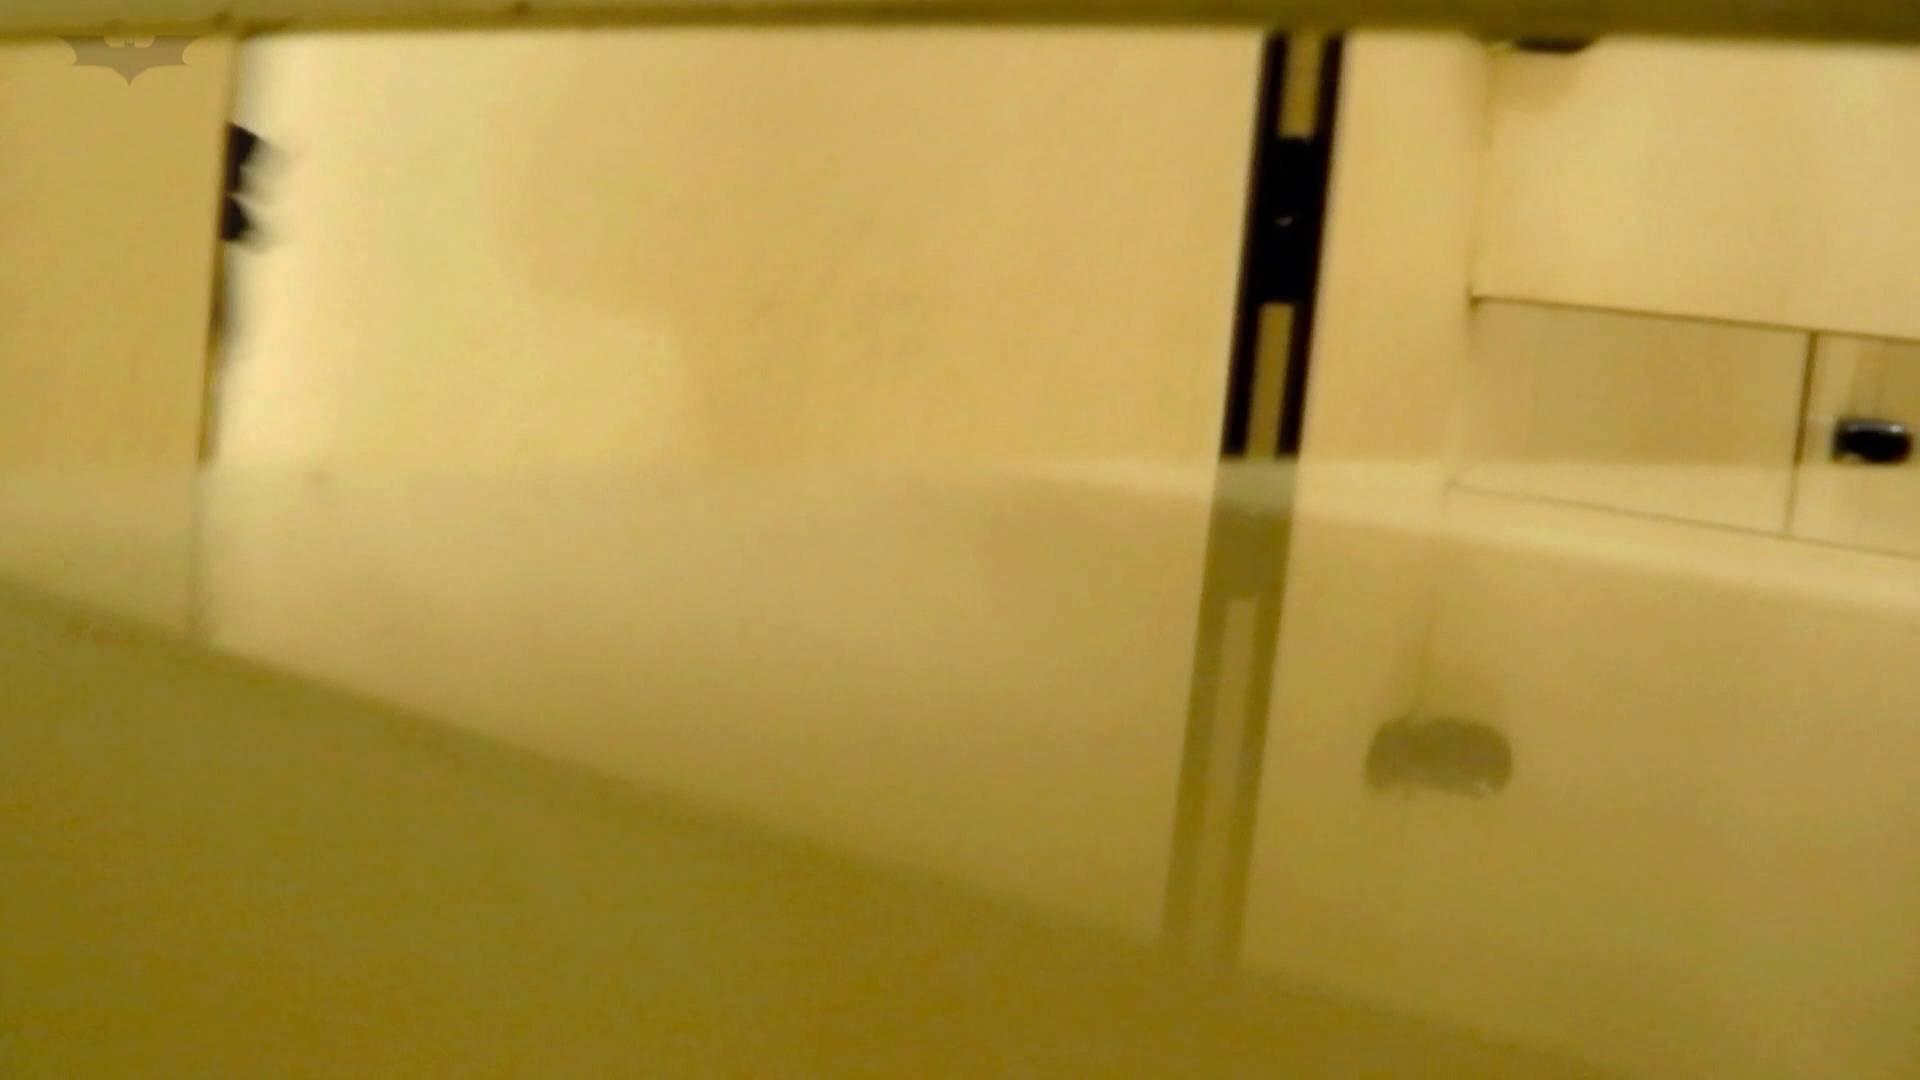 新世界の射窓 No72 モデル級なら個室から飛び出て追っかけます 洗面所のぞき オマンコ動画キャプチャ 108枚 64